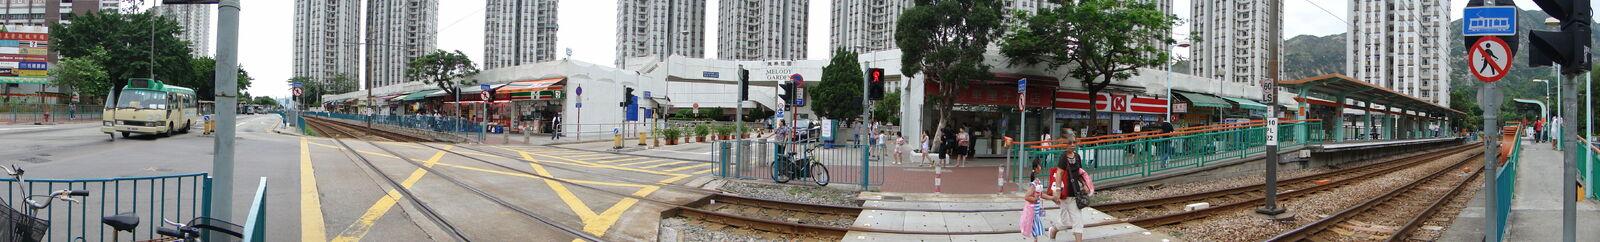 LRT Melody Garden 2